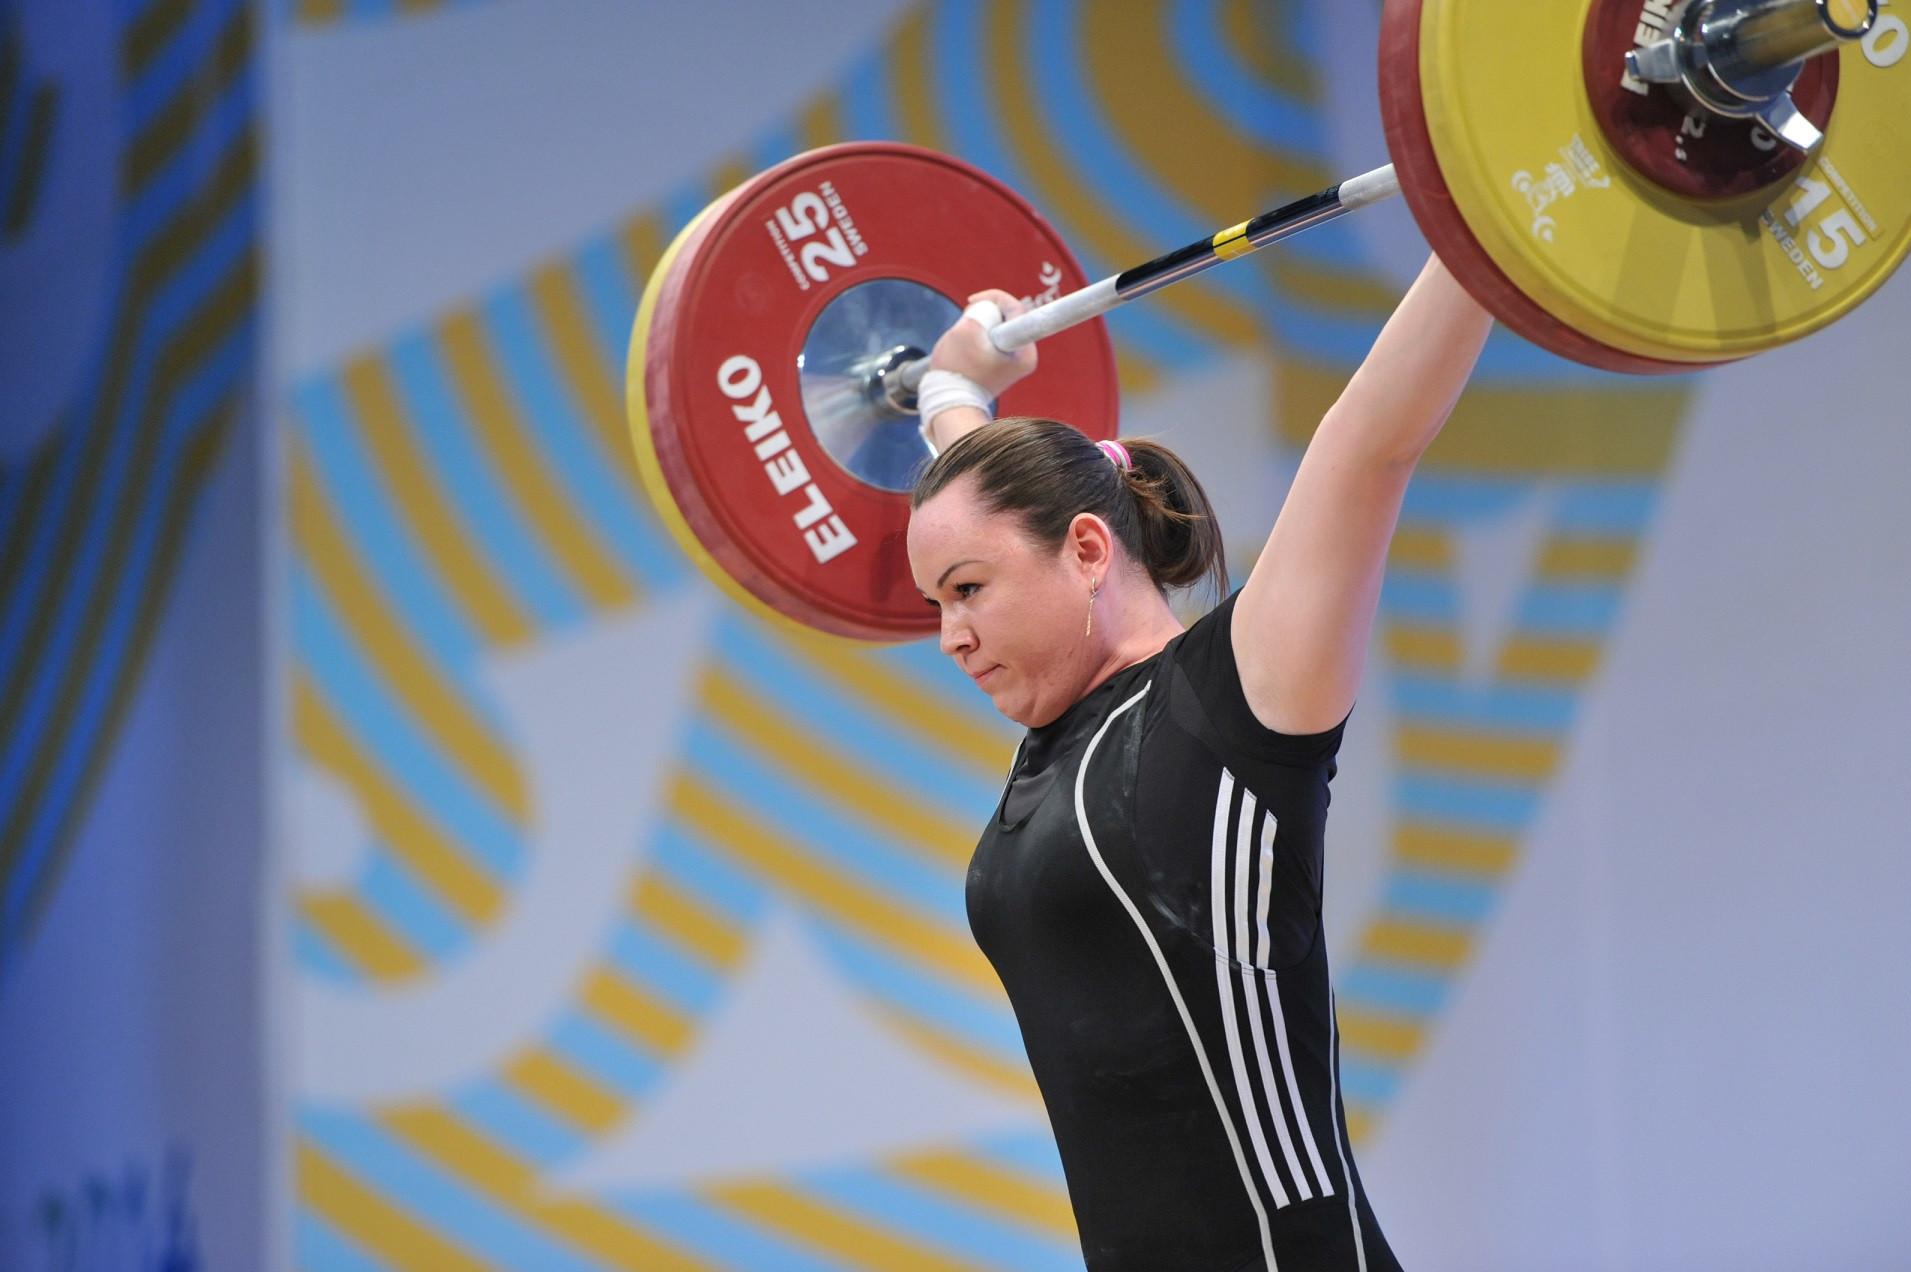 Анна Нурмухамбетова признана бронзовым призером Олимпиады-2012 по тяжелой атлетике